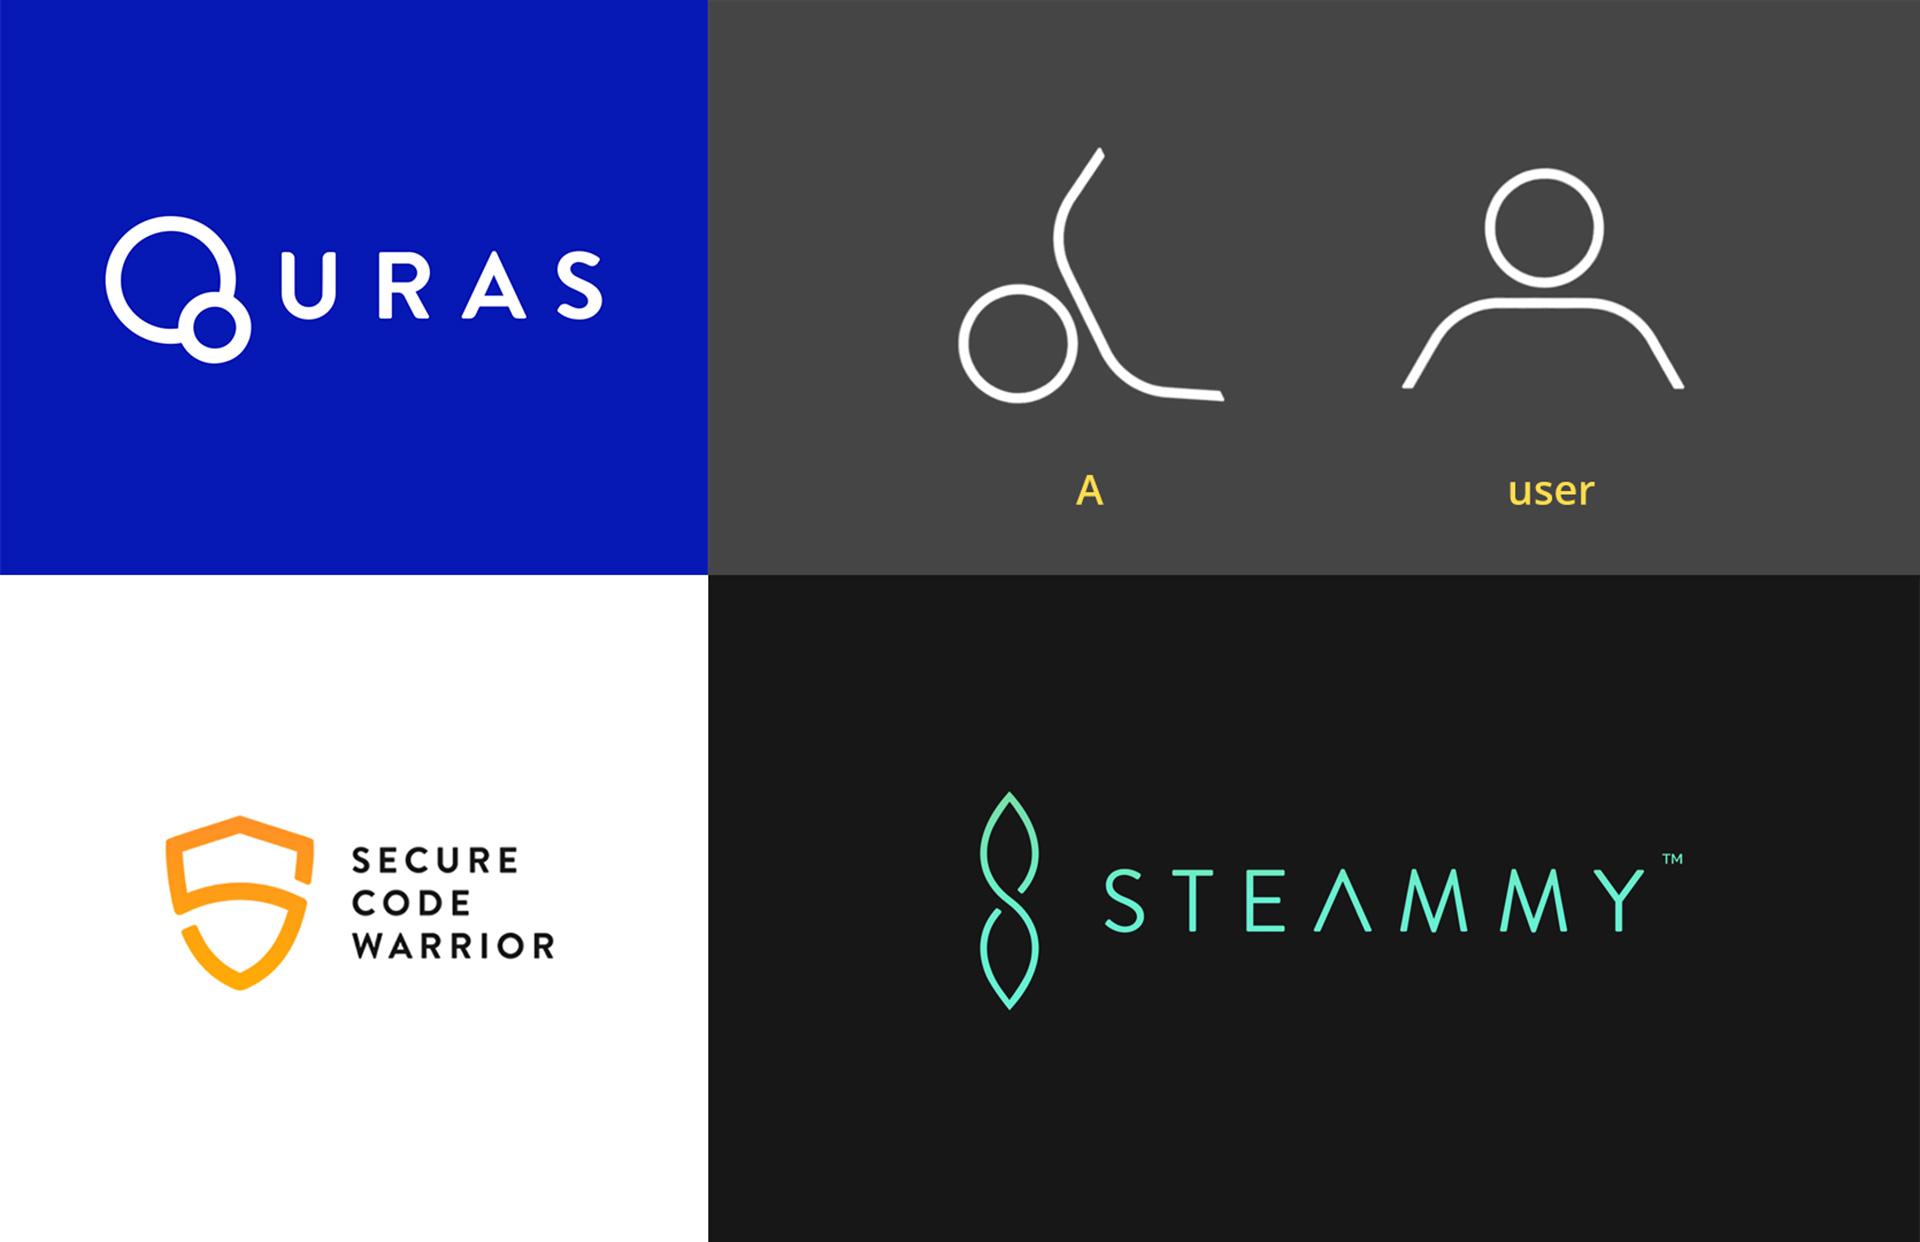 Value-Based logo design principles